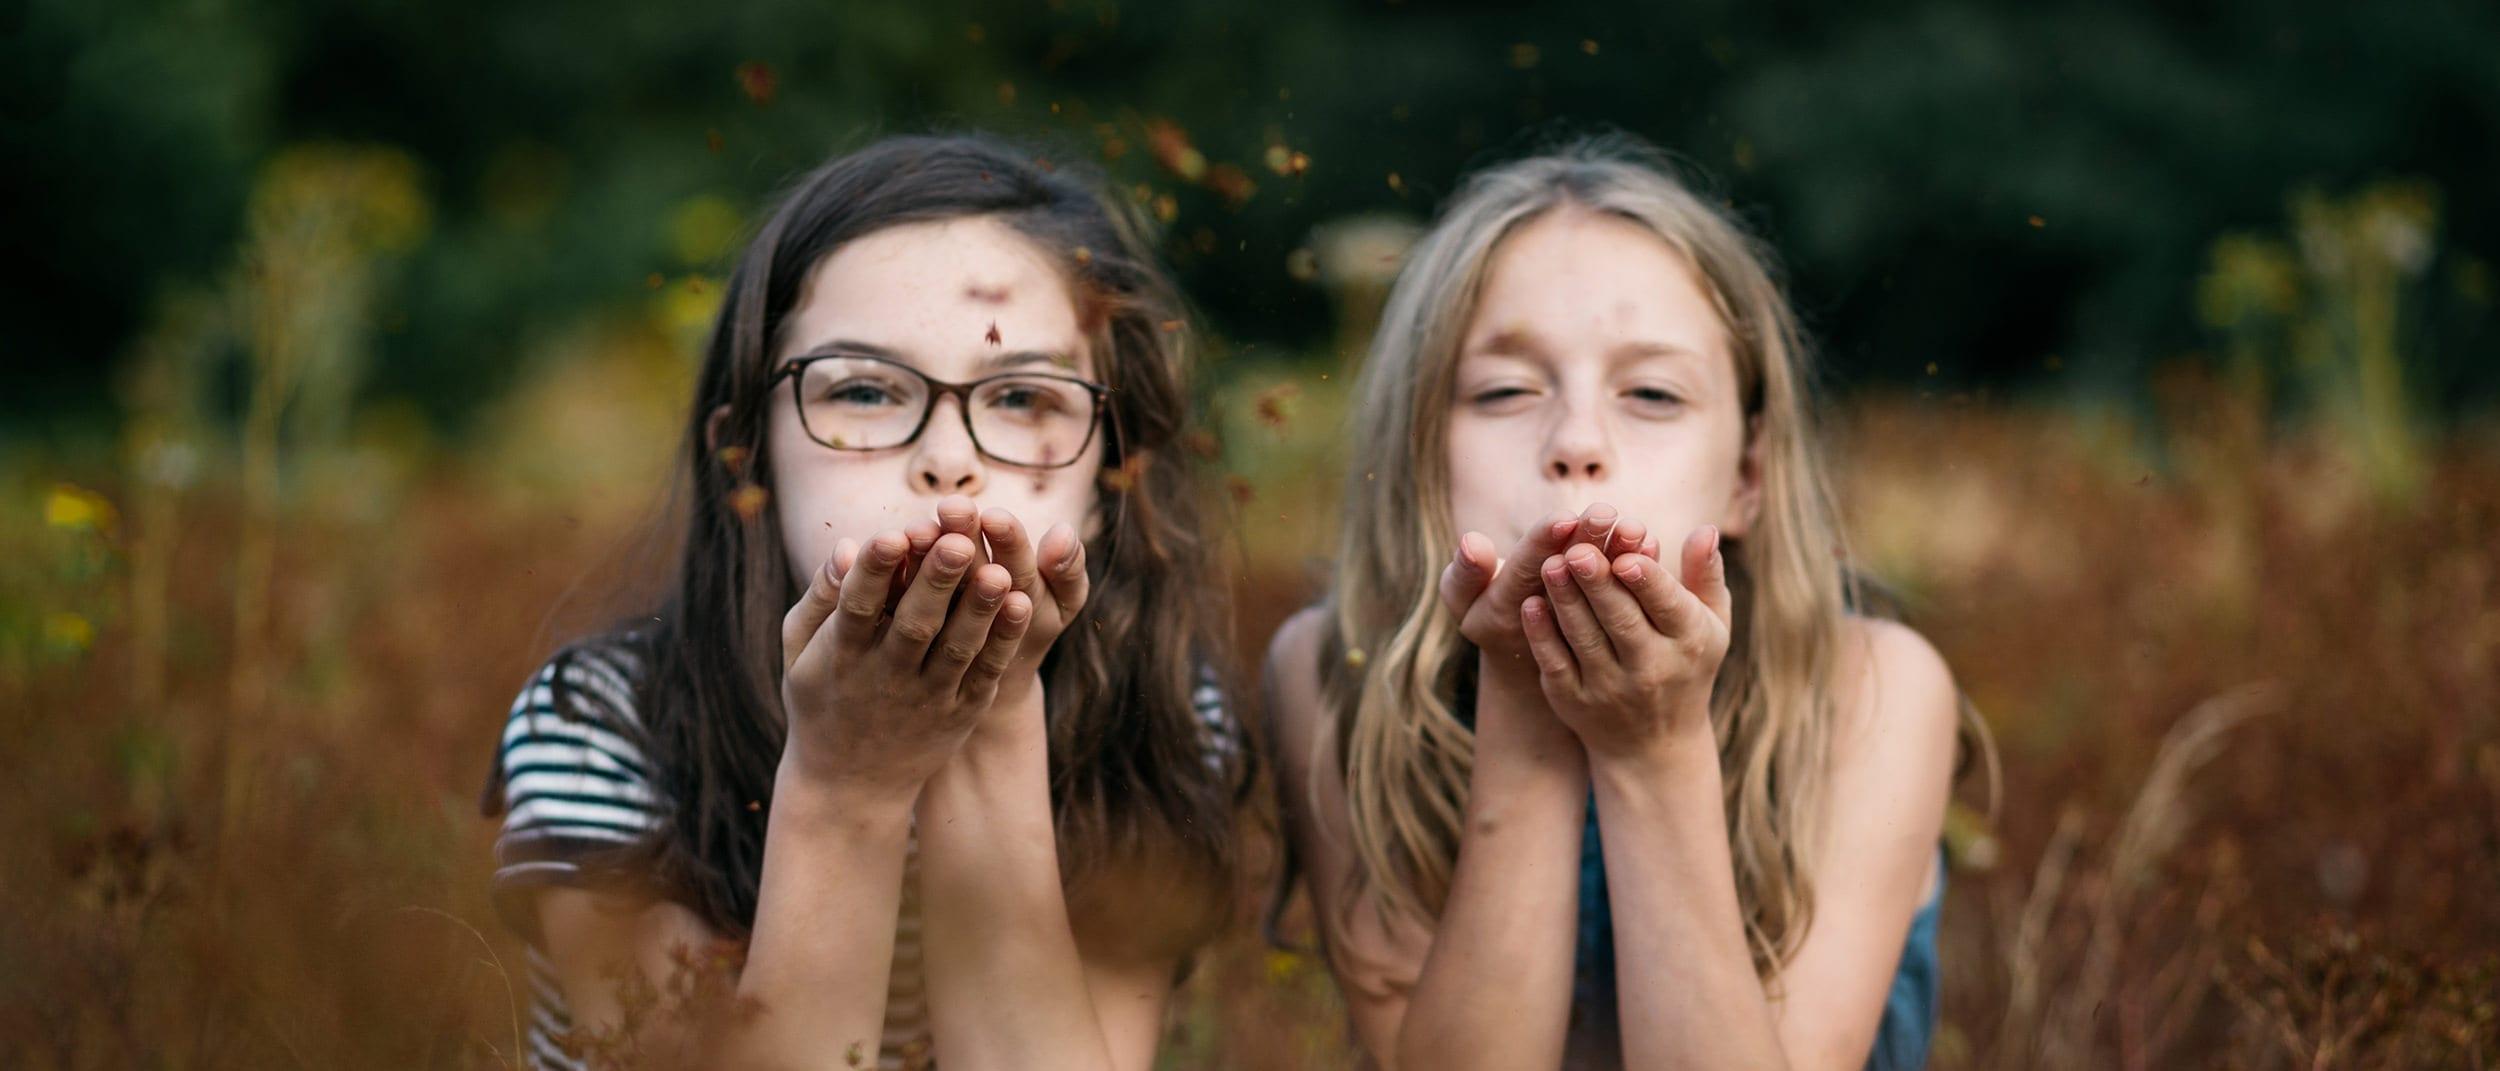 Lifestyle fotograaf Marianne Hope Picturelyspoken portretfotografie twee meisjes beste vrienden